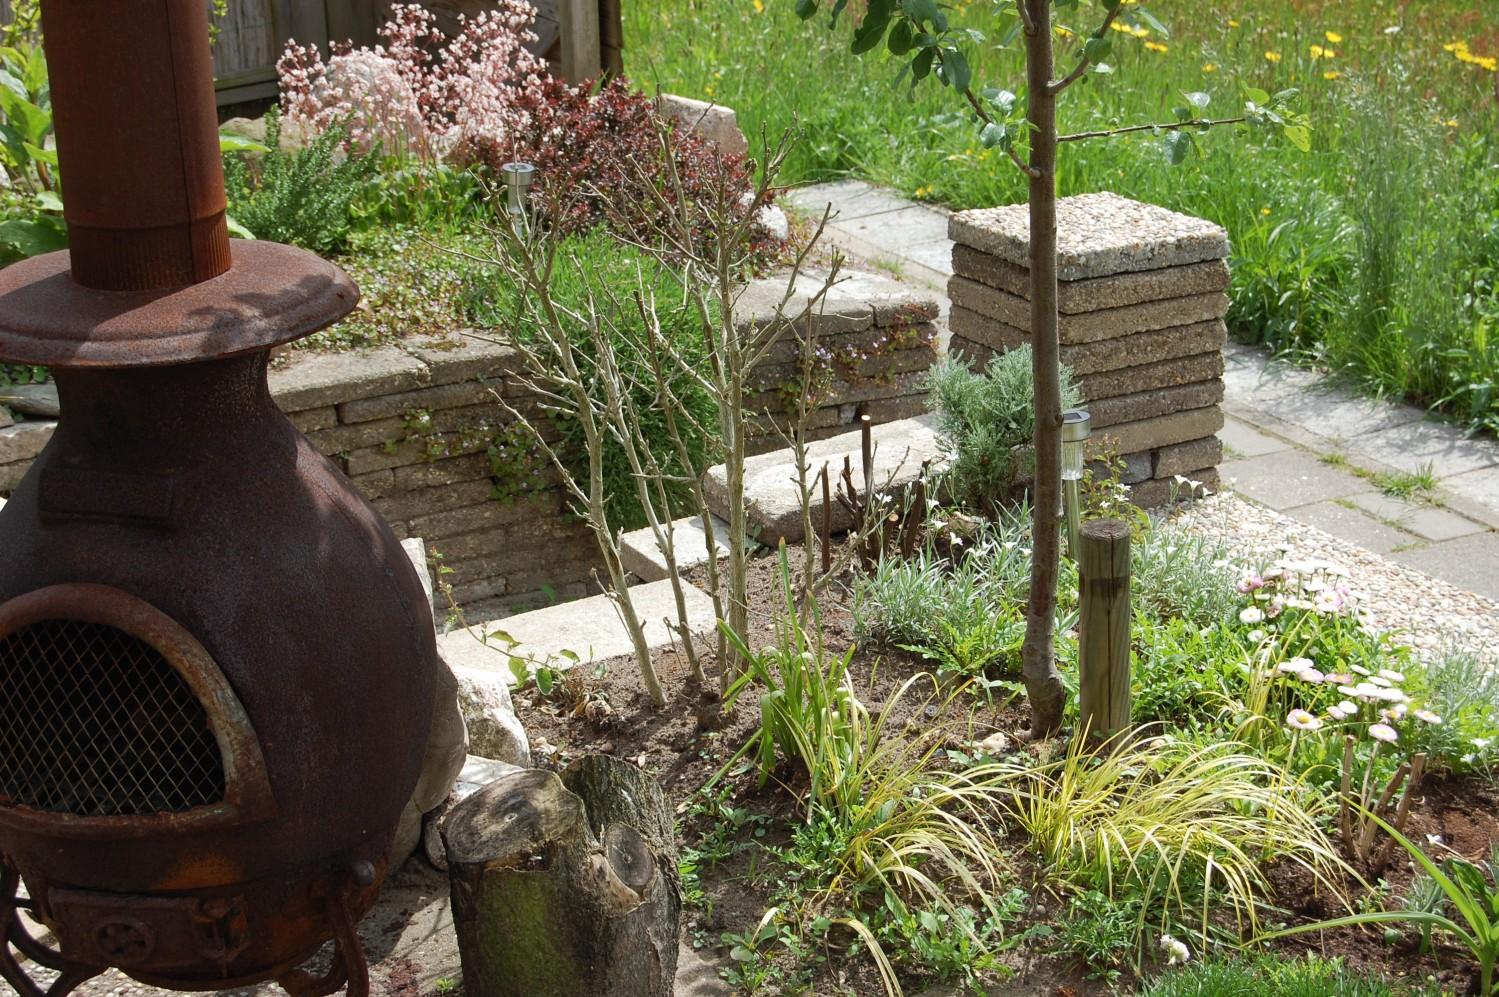 Puintuin | De Tuinen van Appeltern